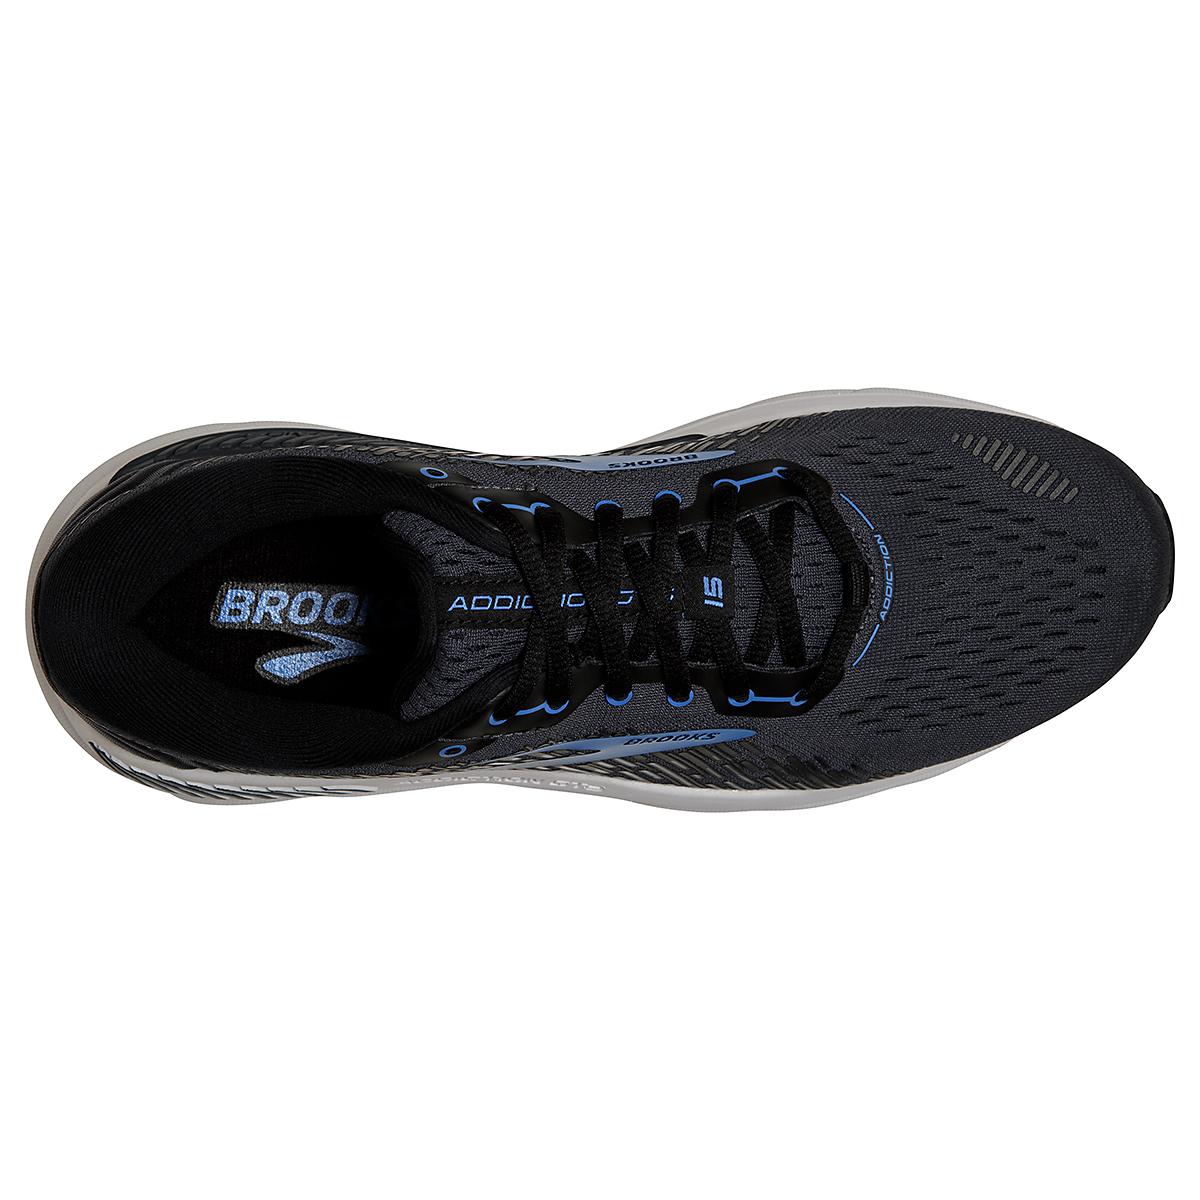 Men's Brooks Addiction GTS 15 Running Shoe - Color: India Ink/Black/Blue - Size: 7 - Width: Regular, India Ink/Black/Blue, large, image 3